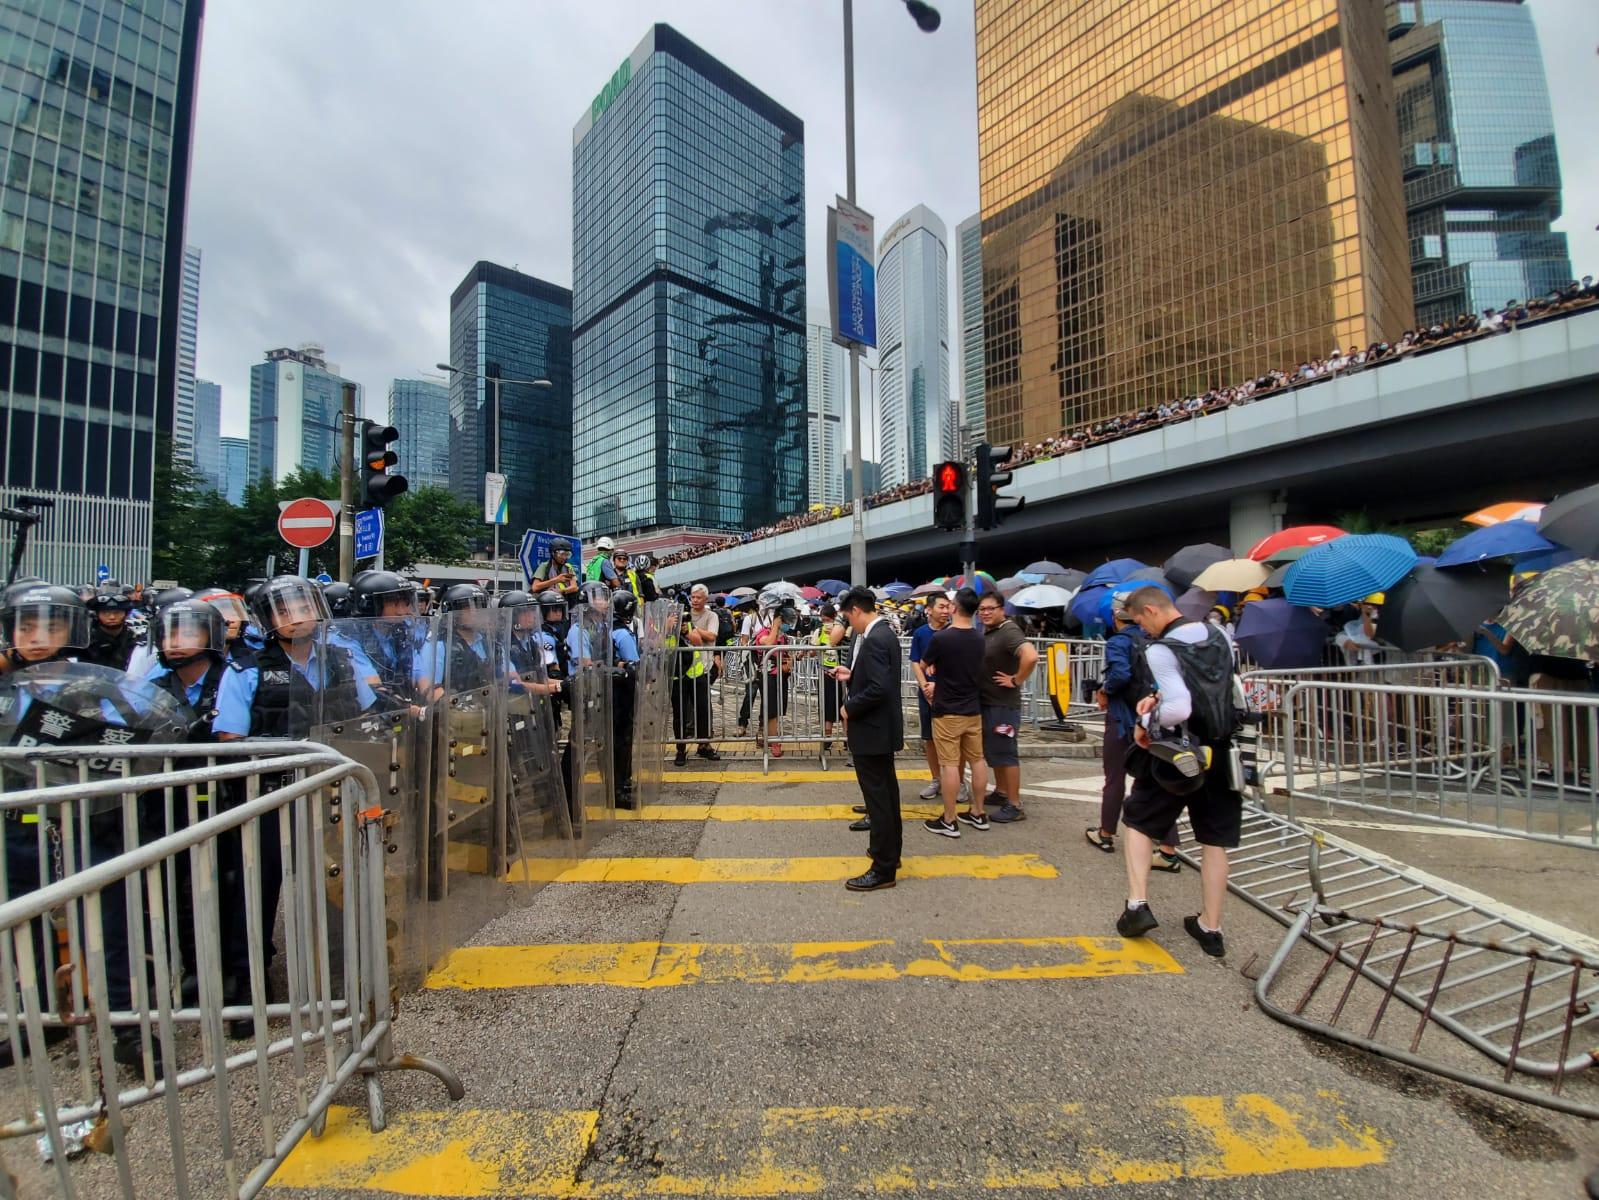 示威者佔領馬路。